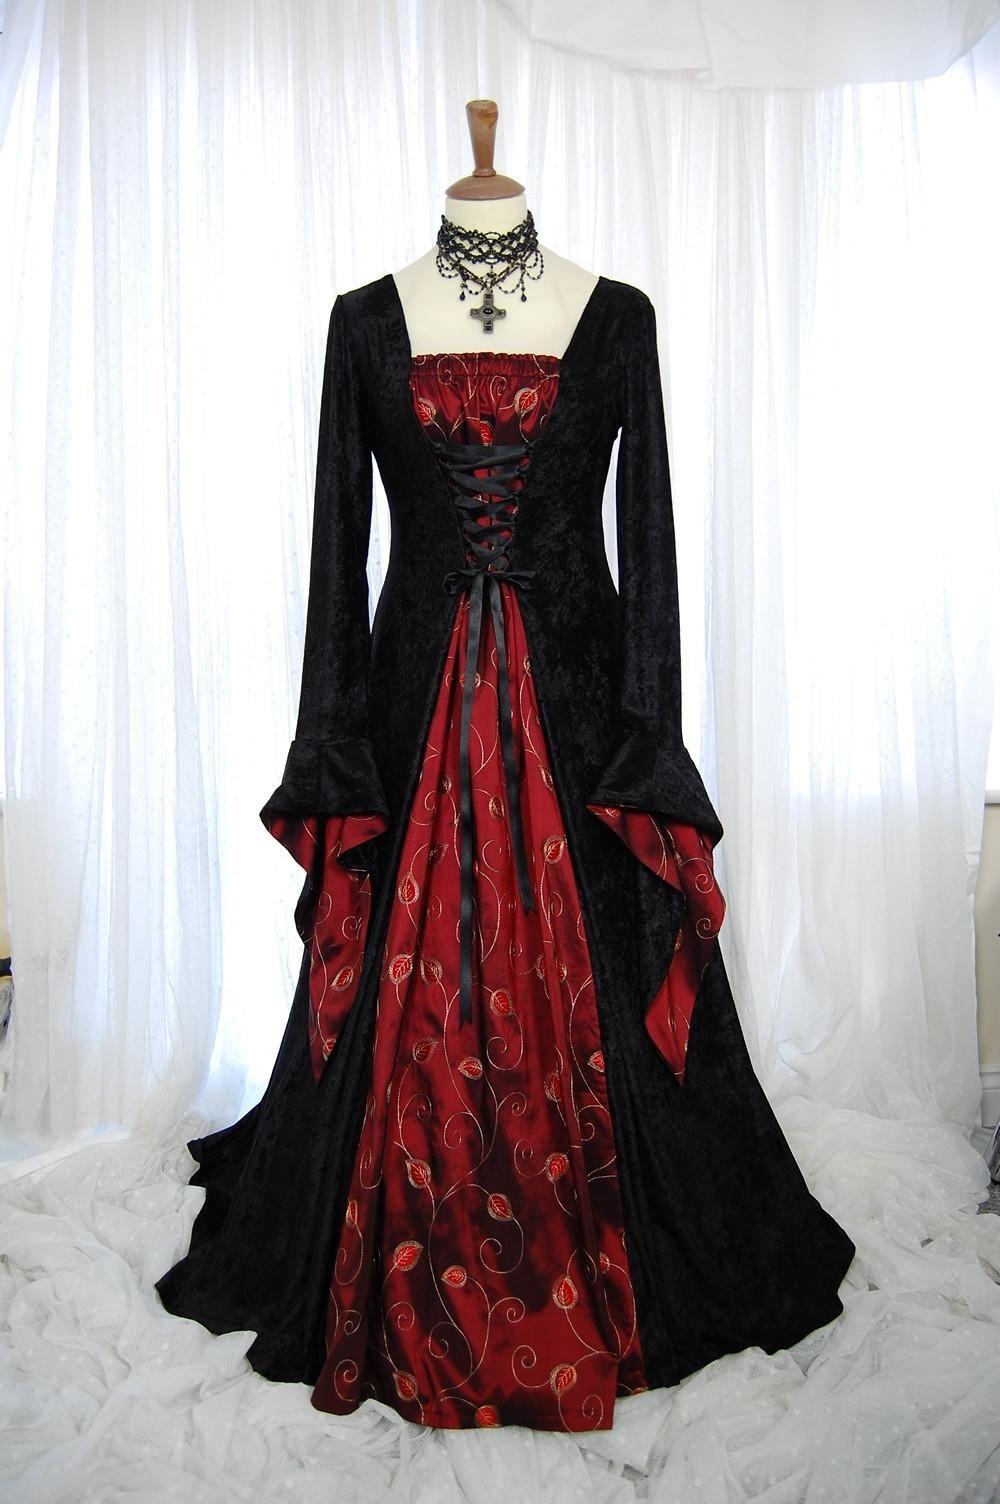 Gothic Wedding Tuxedos | Wedding Invitation - Damask in | Themed ...